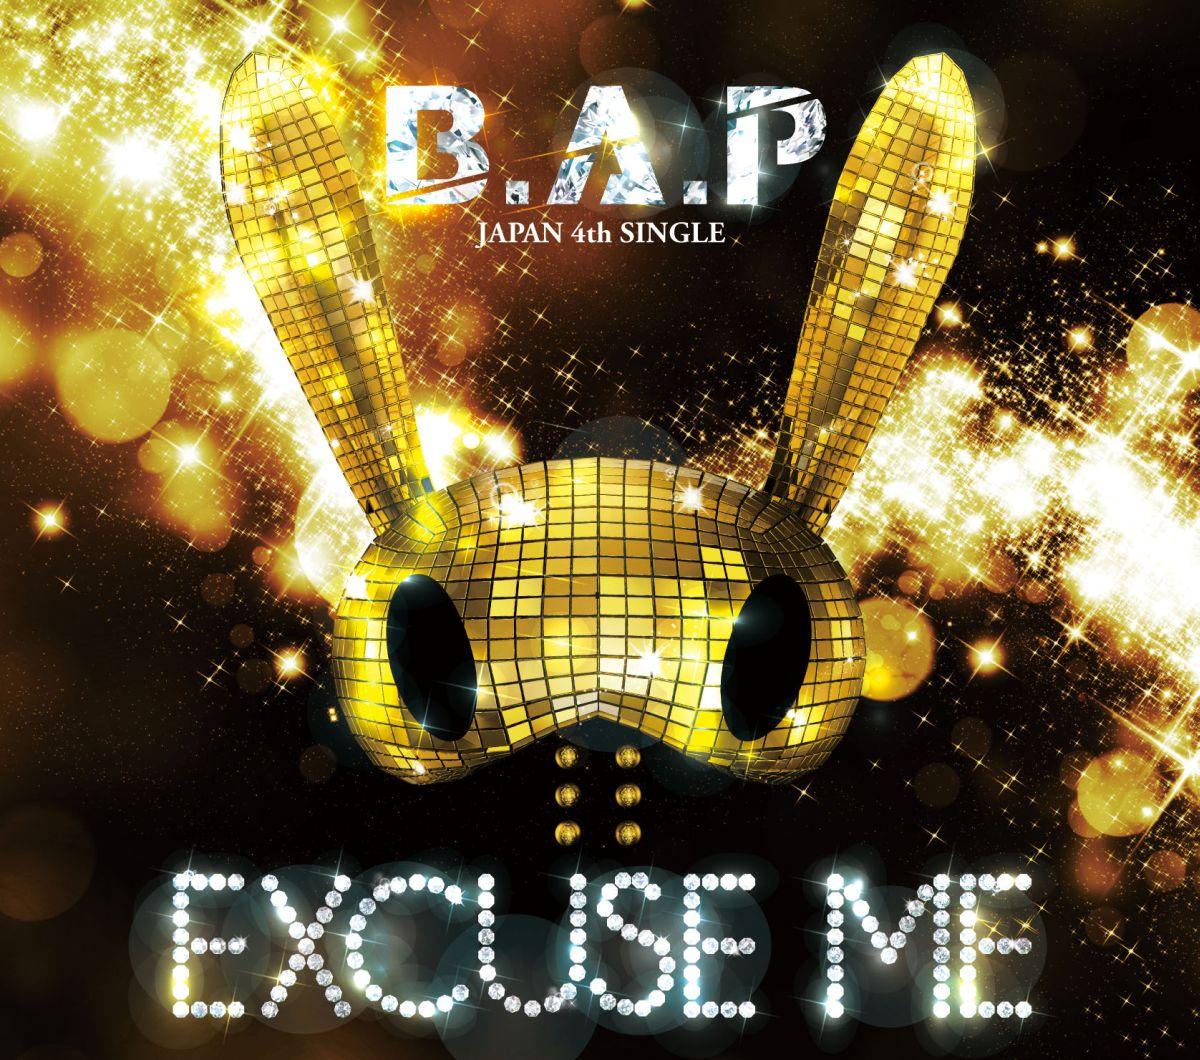 邦楽, ロック・ポップス EXCUSE ME(TYPE-A CDDVD) B.A.P